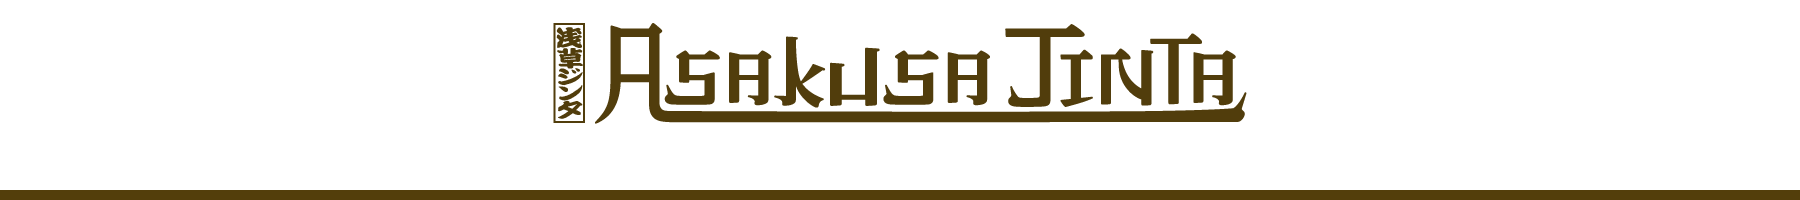 asakusajinta_logo_indivipage